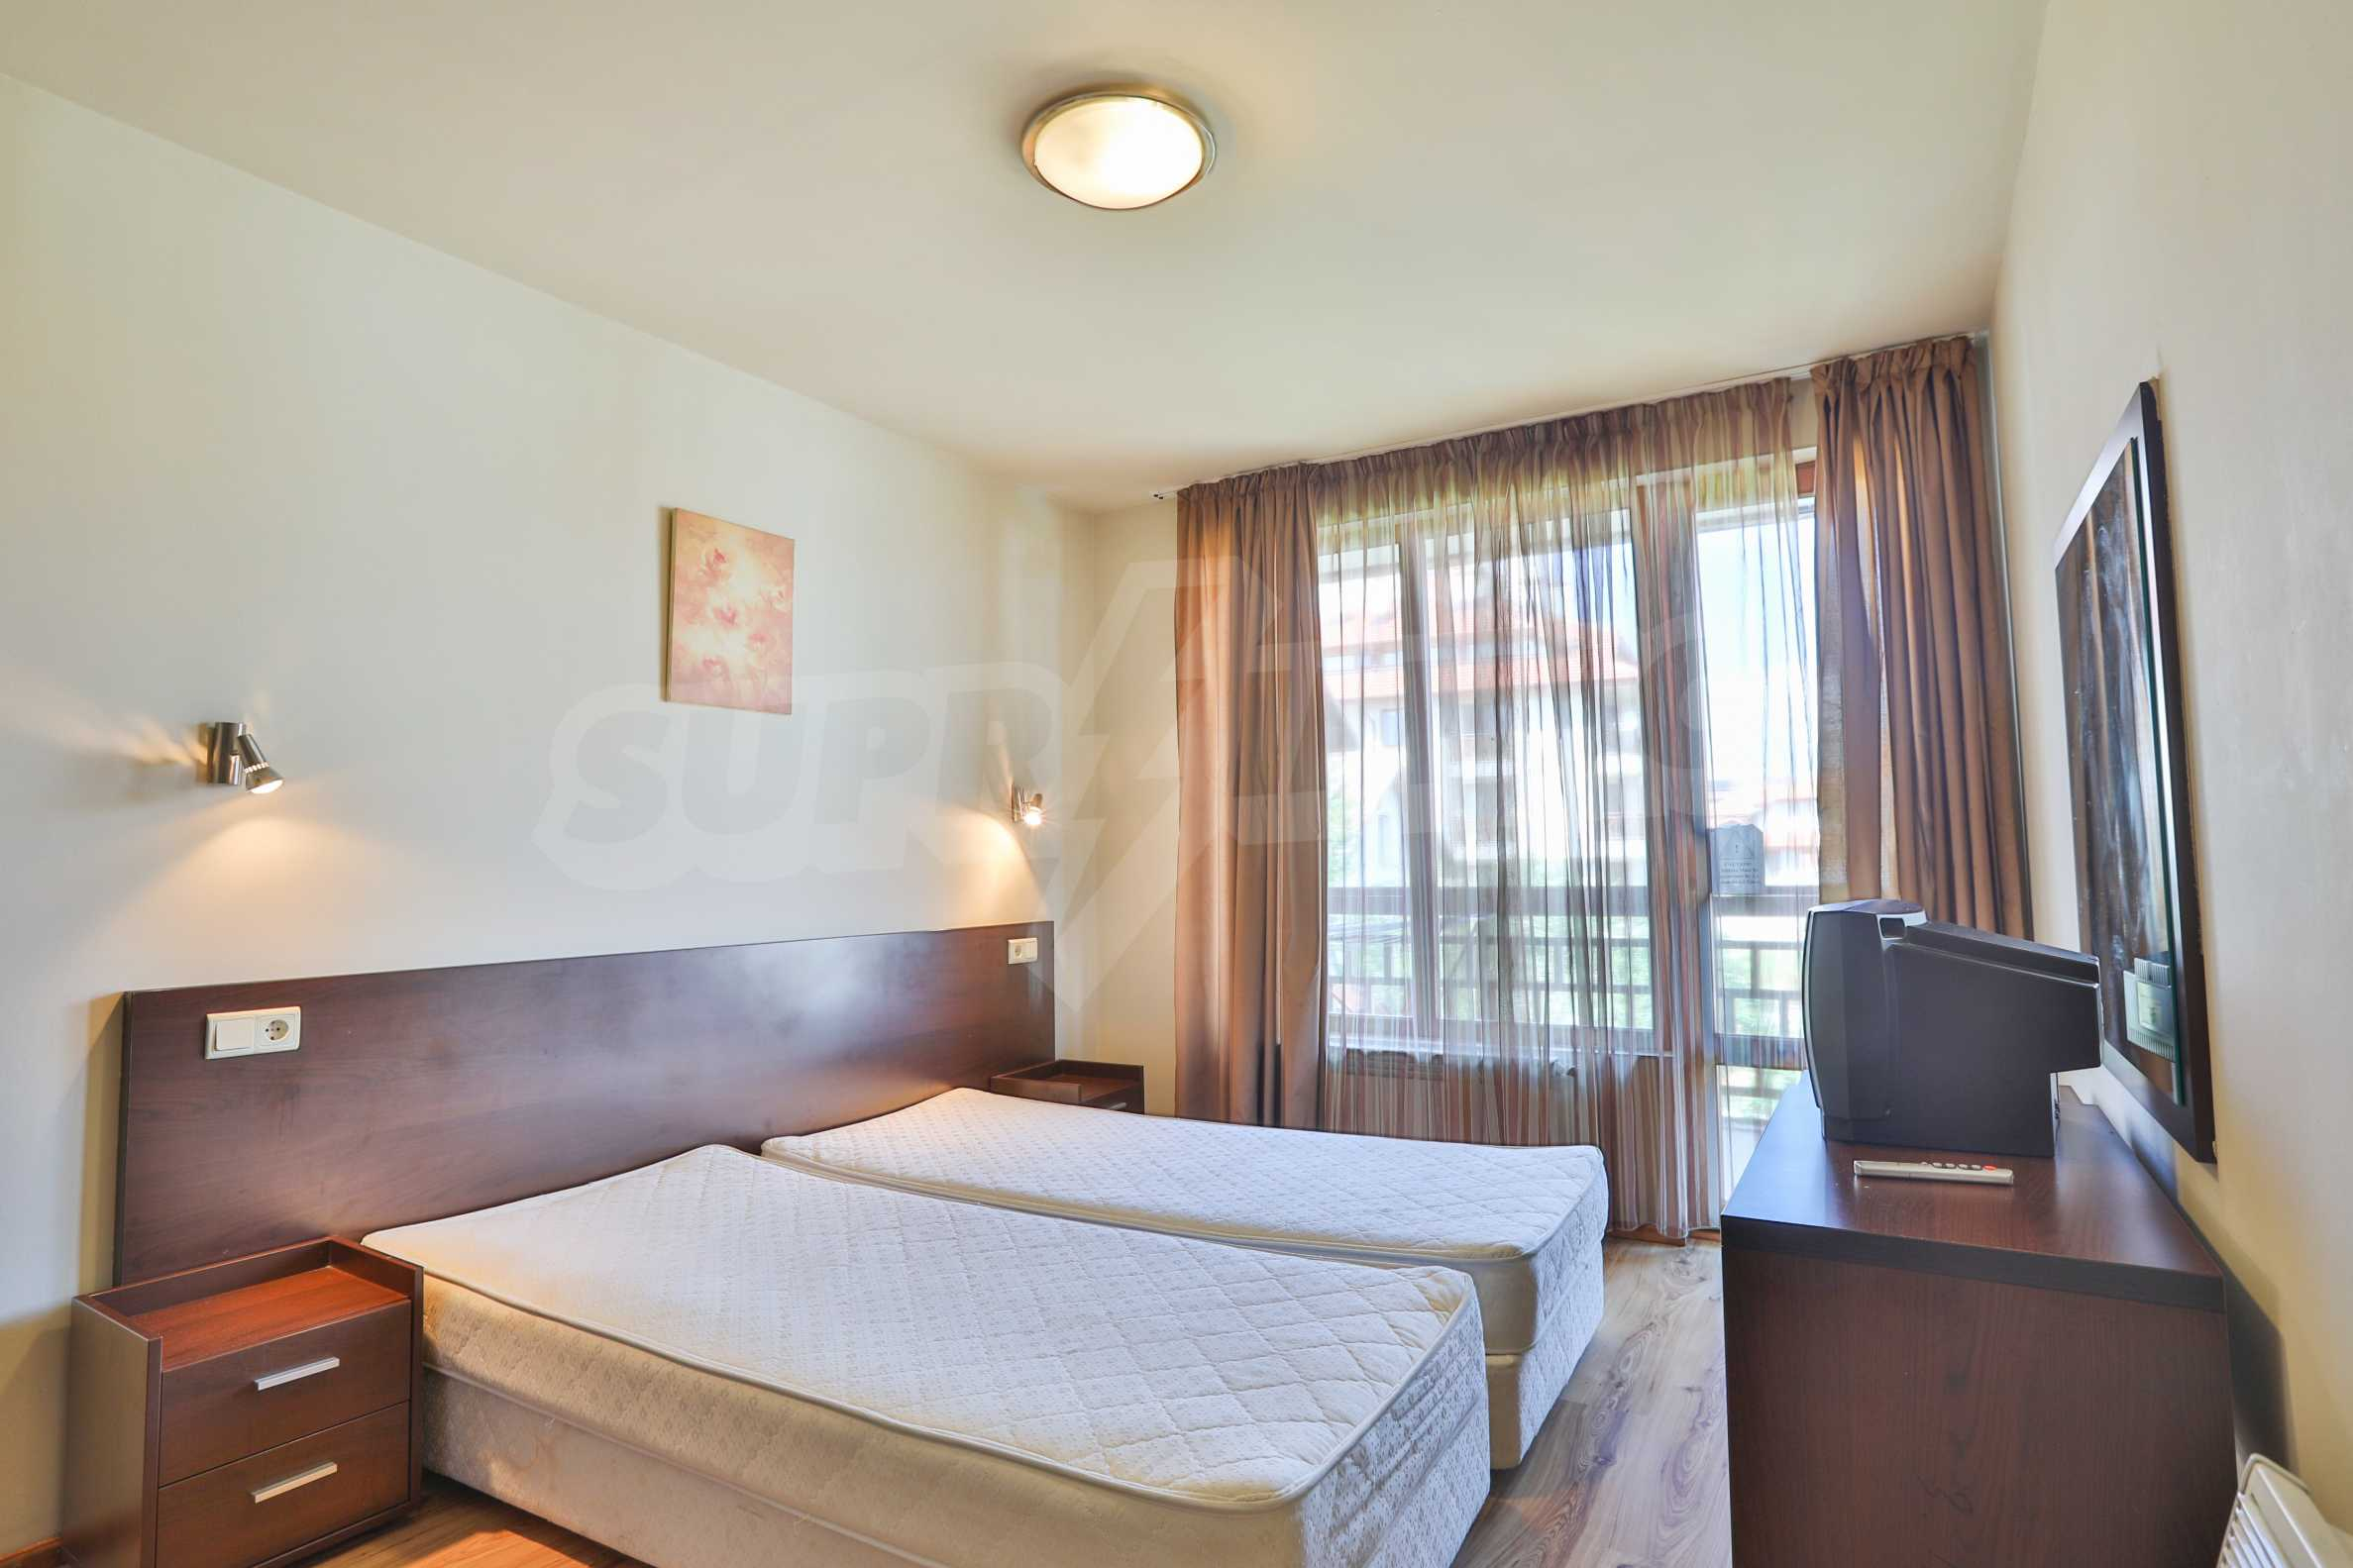 Едноспален апартамент намиращ се в един от най-известните ски курорти - Банско 4